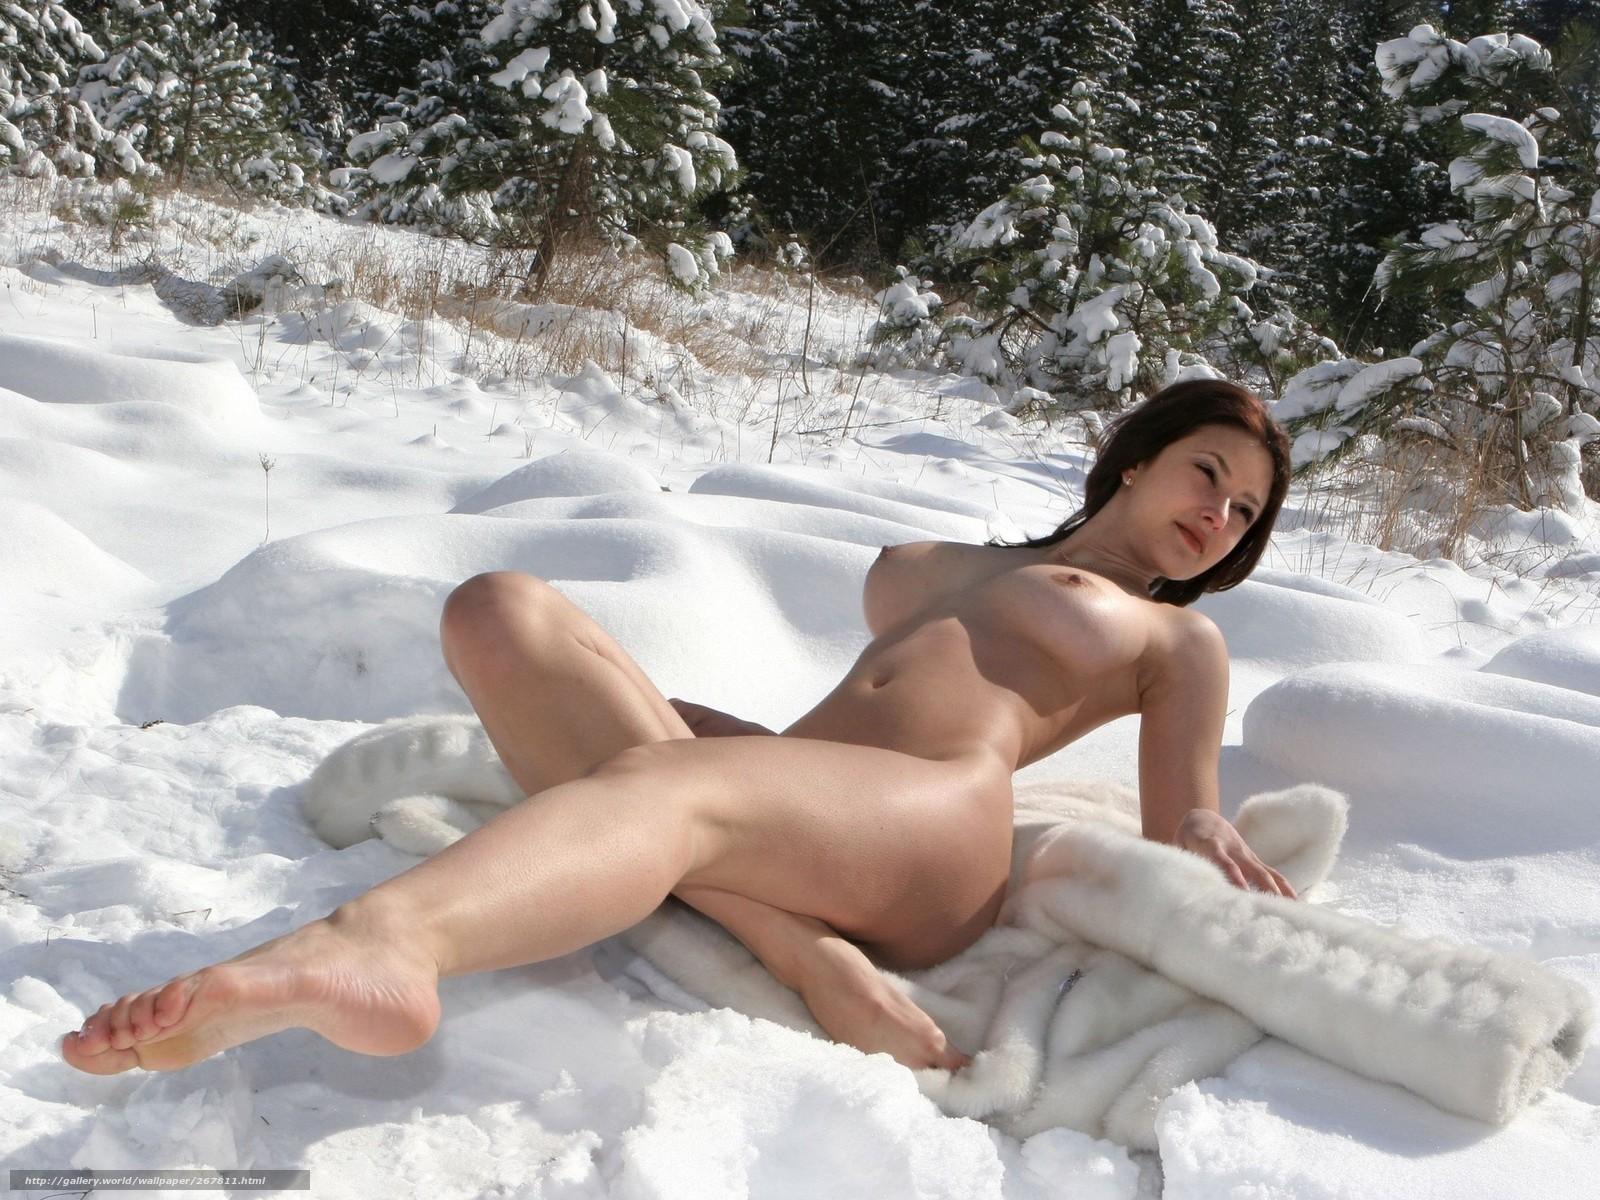 2лезбиянки трахаются наулице зимой смотреть онлайн фотоография